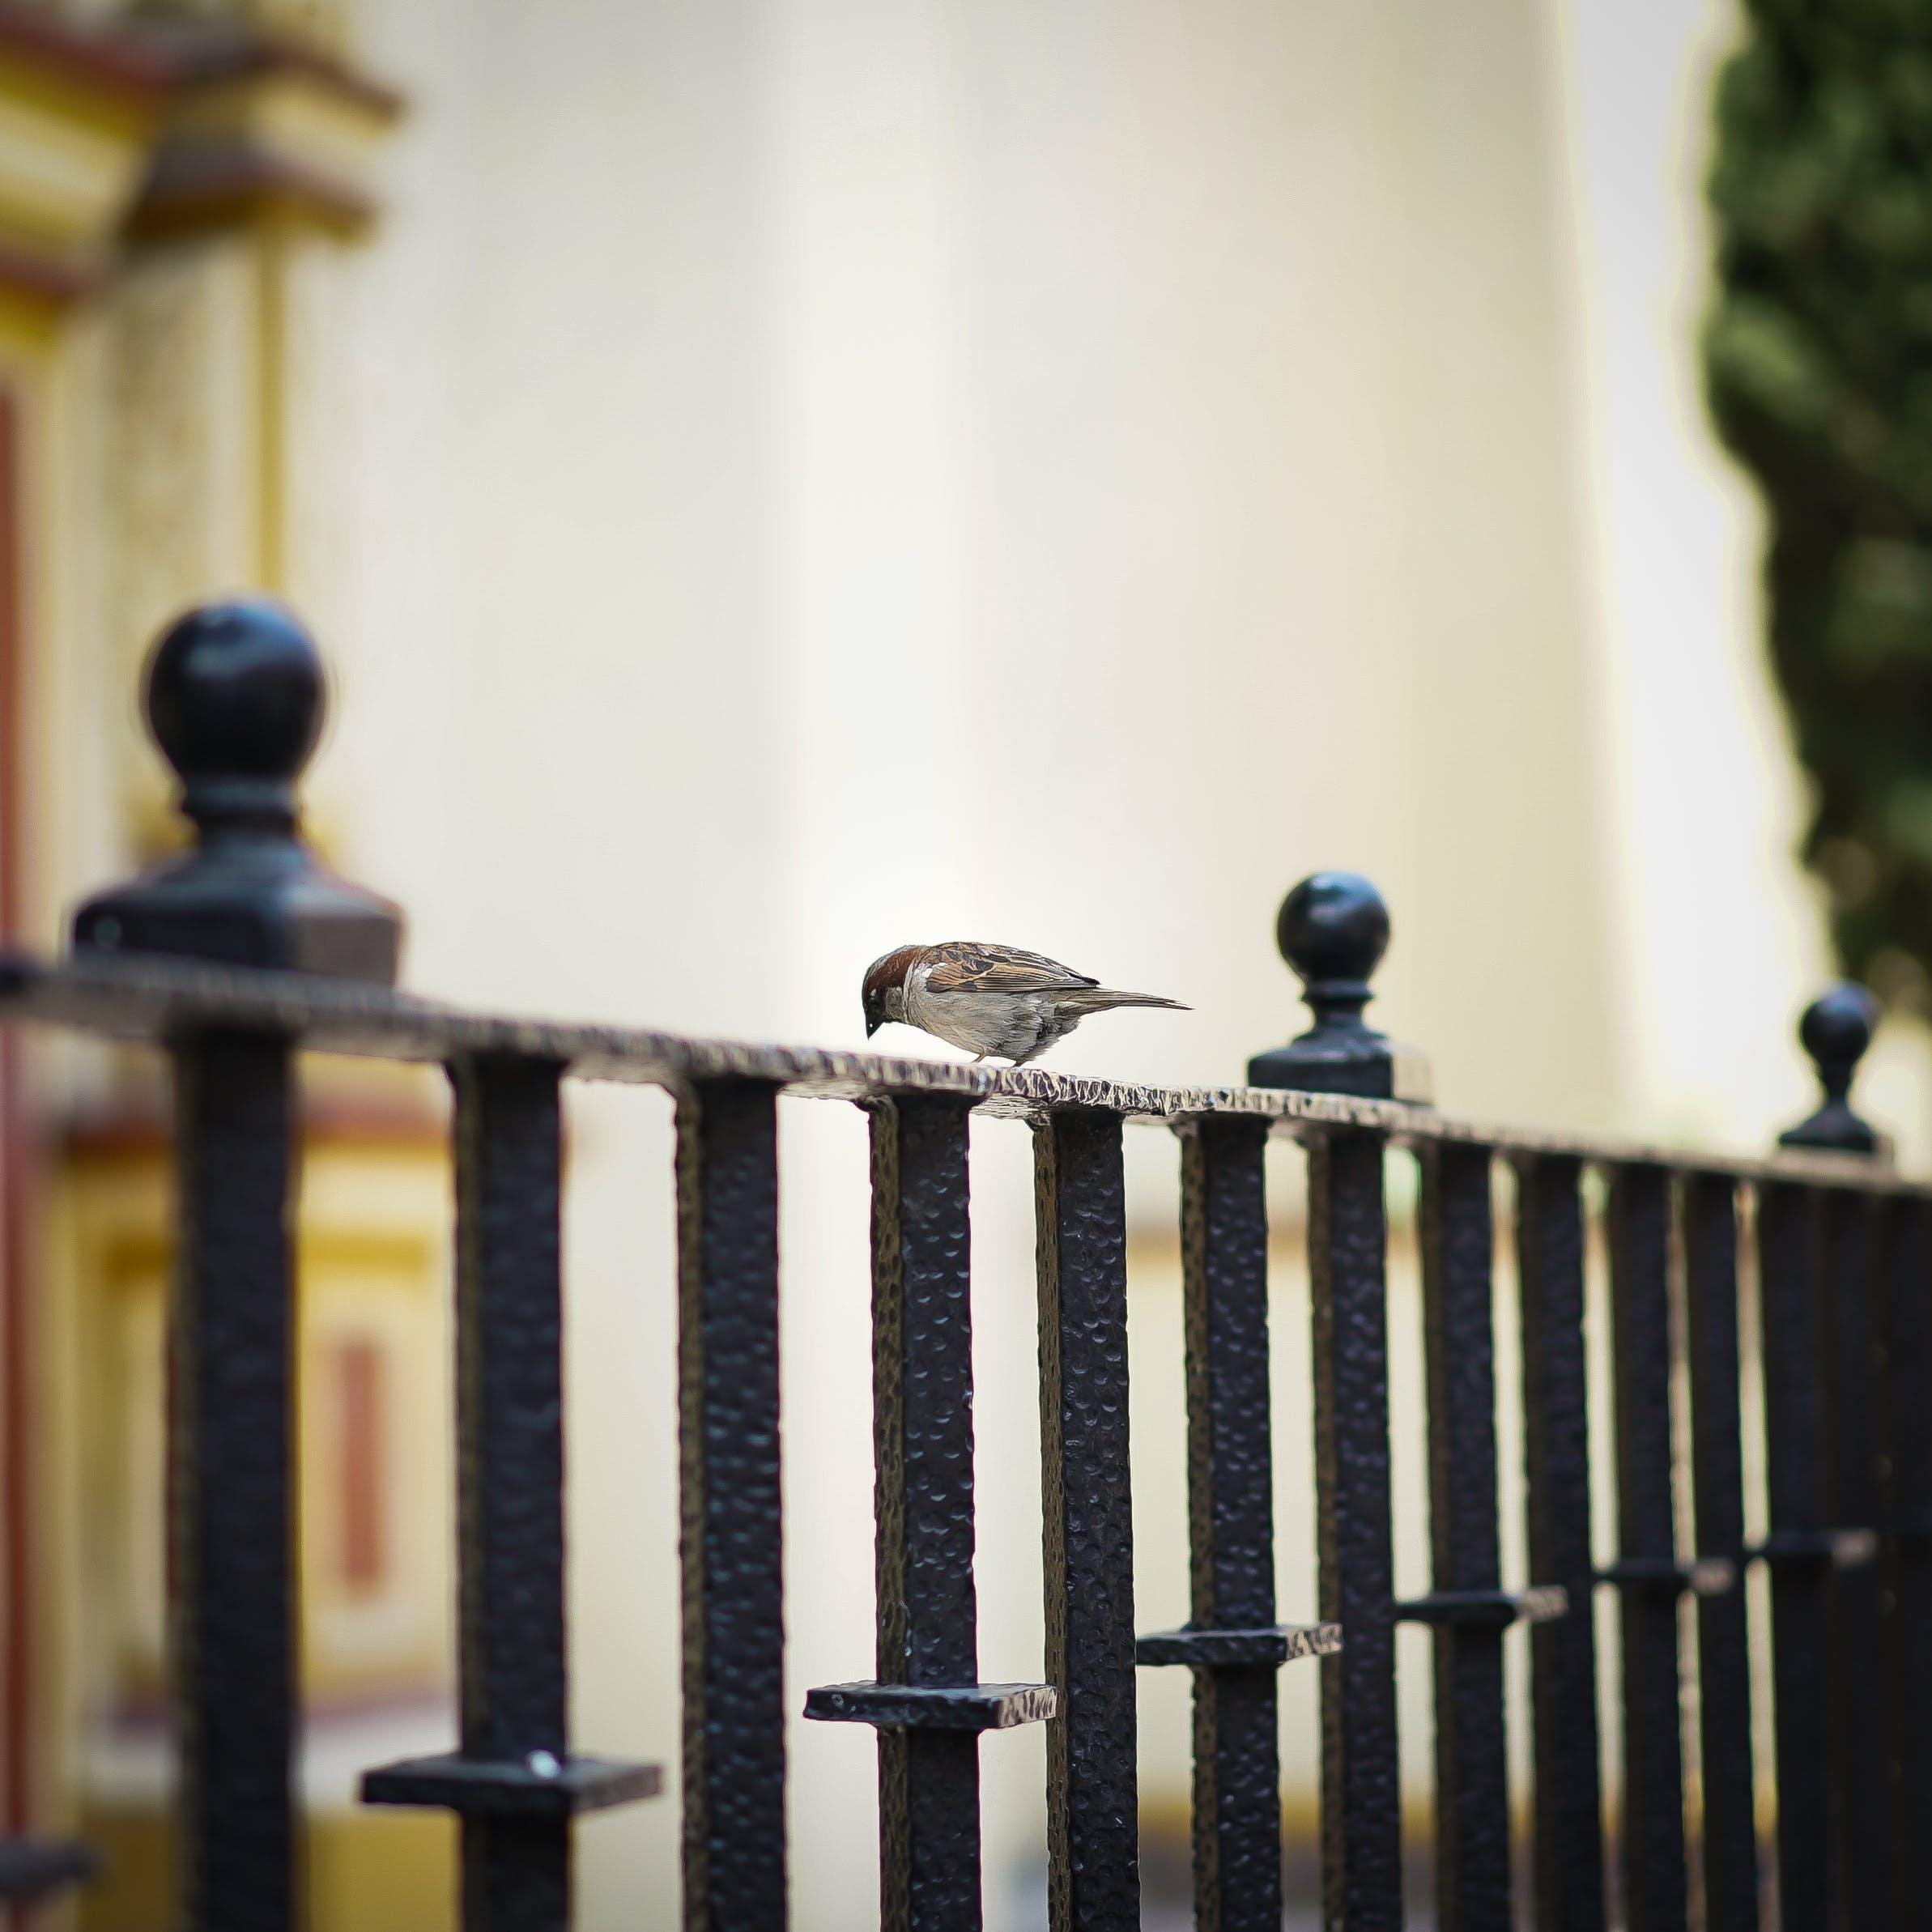 Kostenloses Stock Foto zu gefieder, spatz, thront vogel, tier